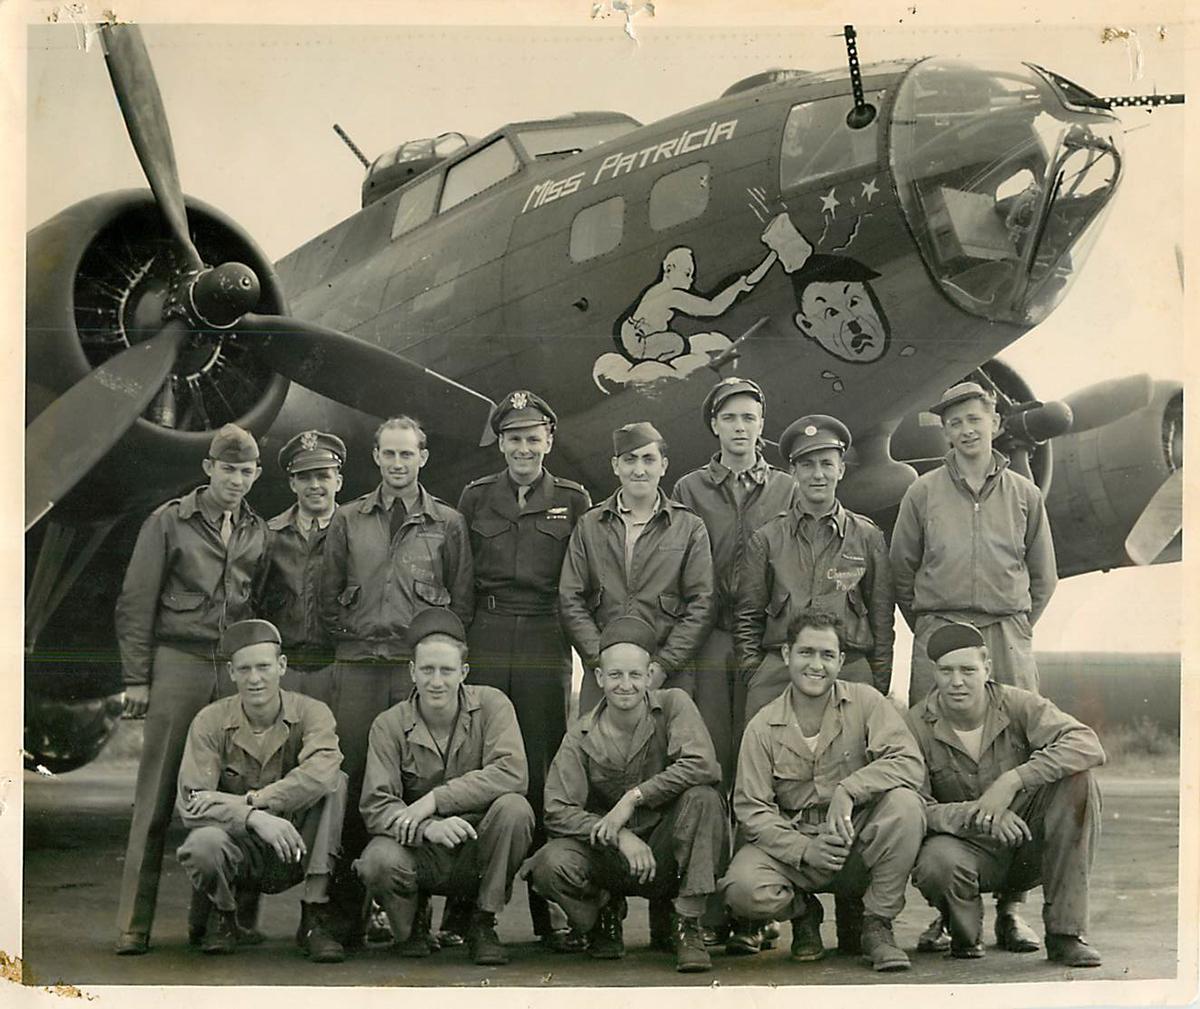 B-17 #42-29930 / Miss Patricia